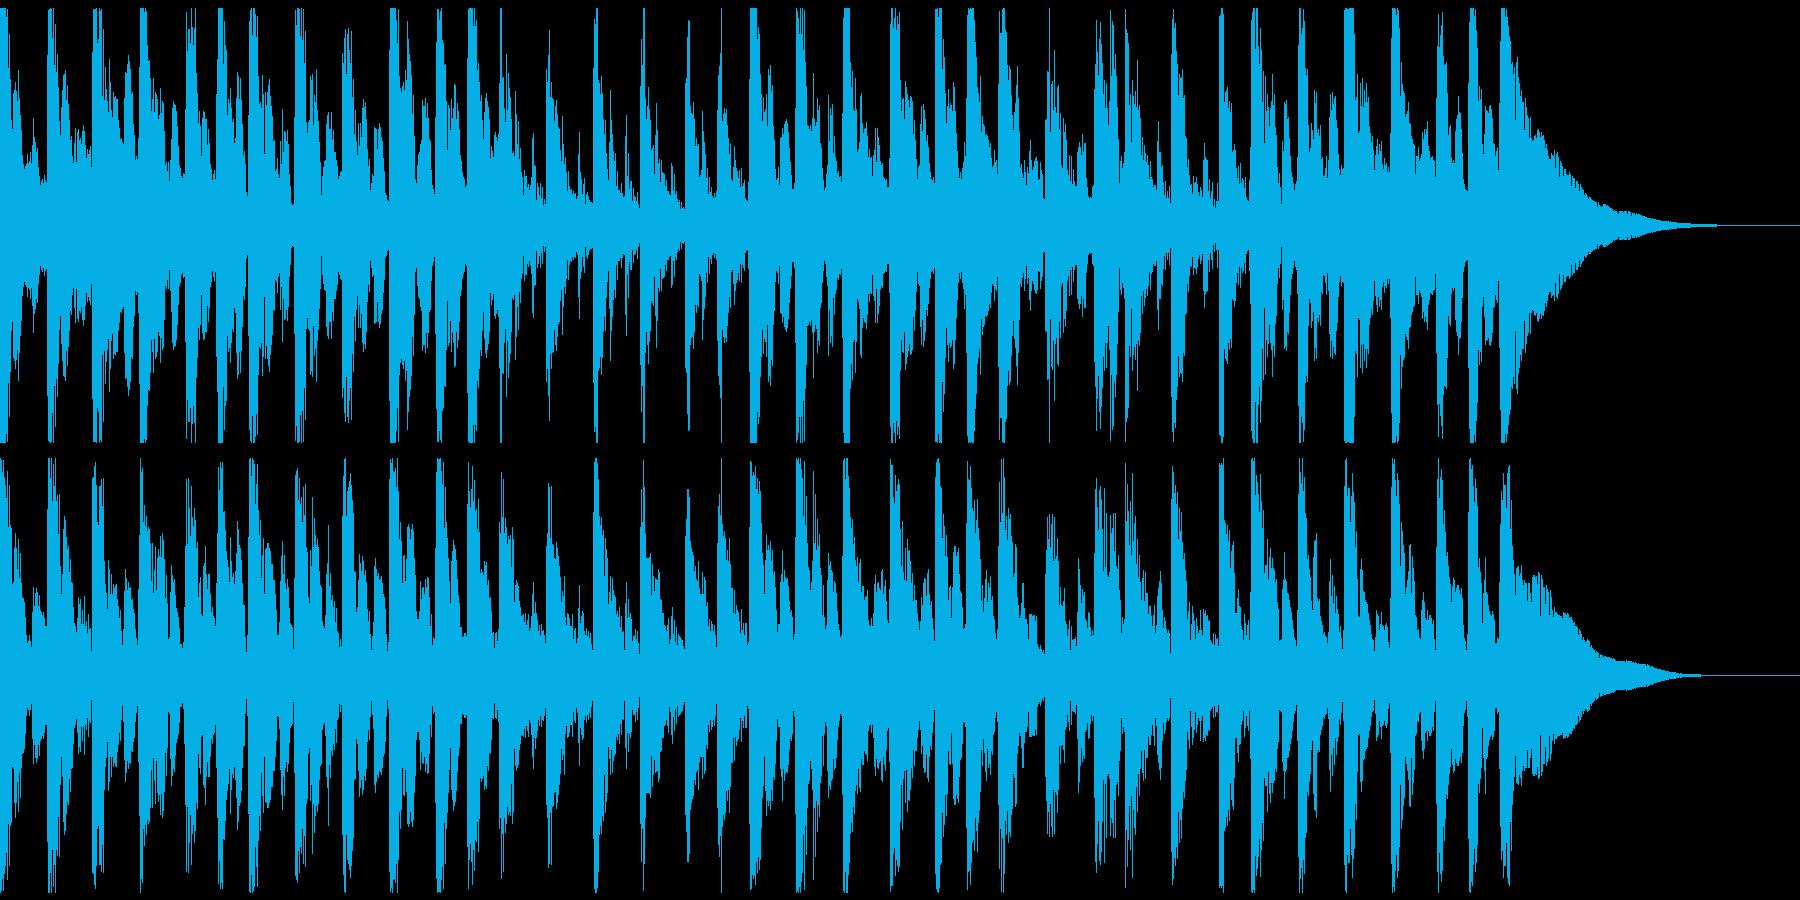 アコギロック、シュール、面白い映像。の再生済みの波形